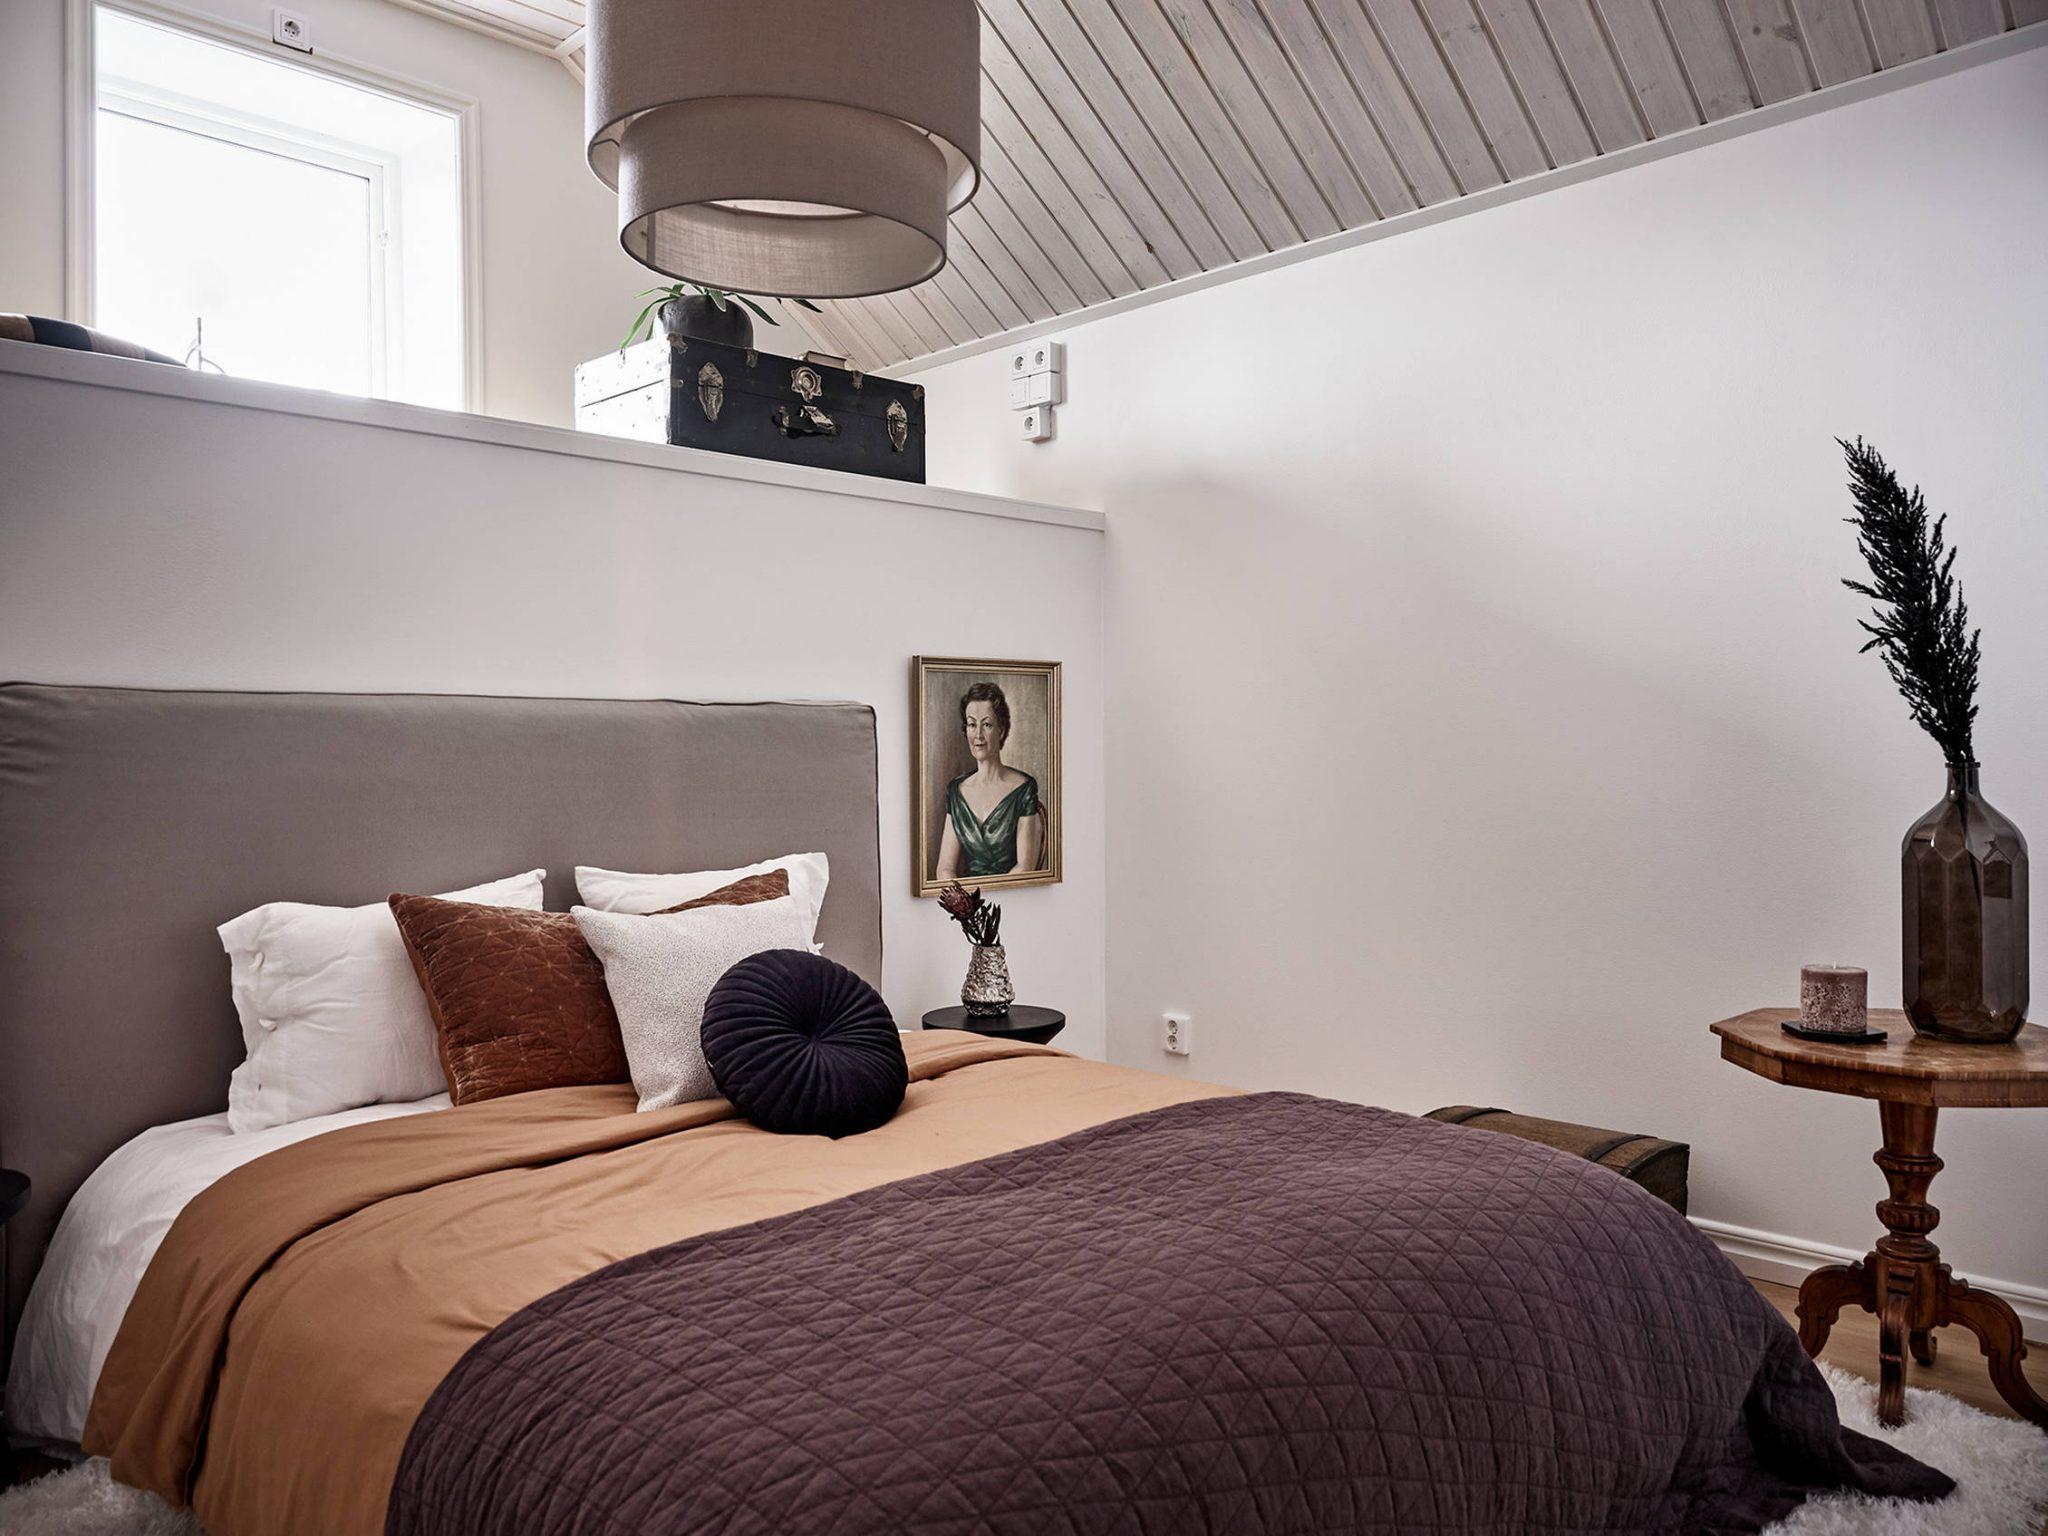 Tavan înclinat și decor rusti scandinav într o casă din Suedia 9